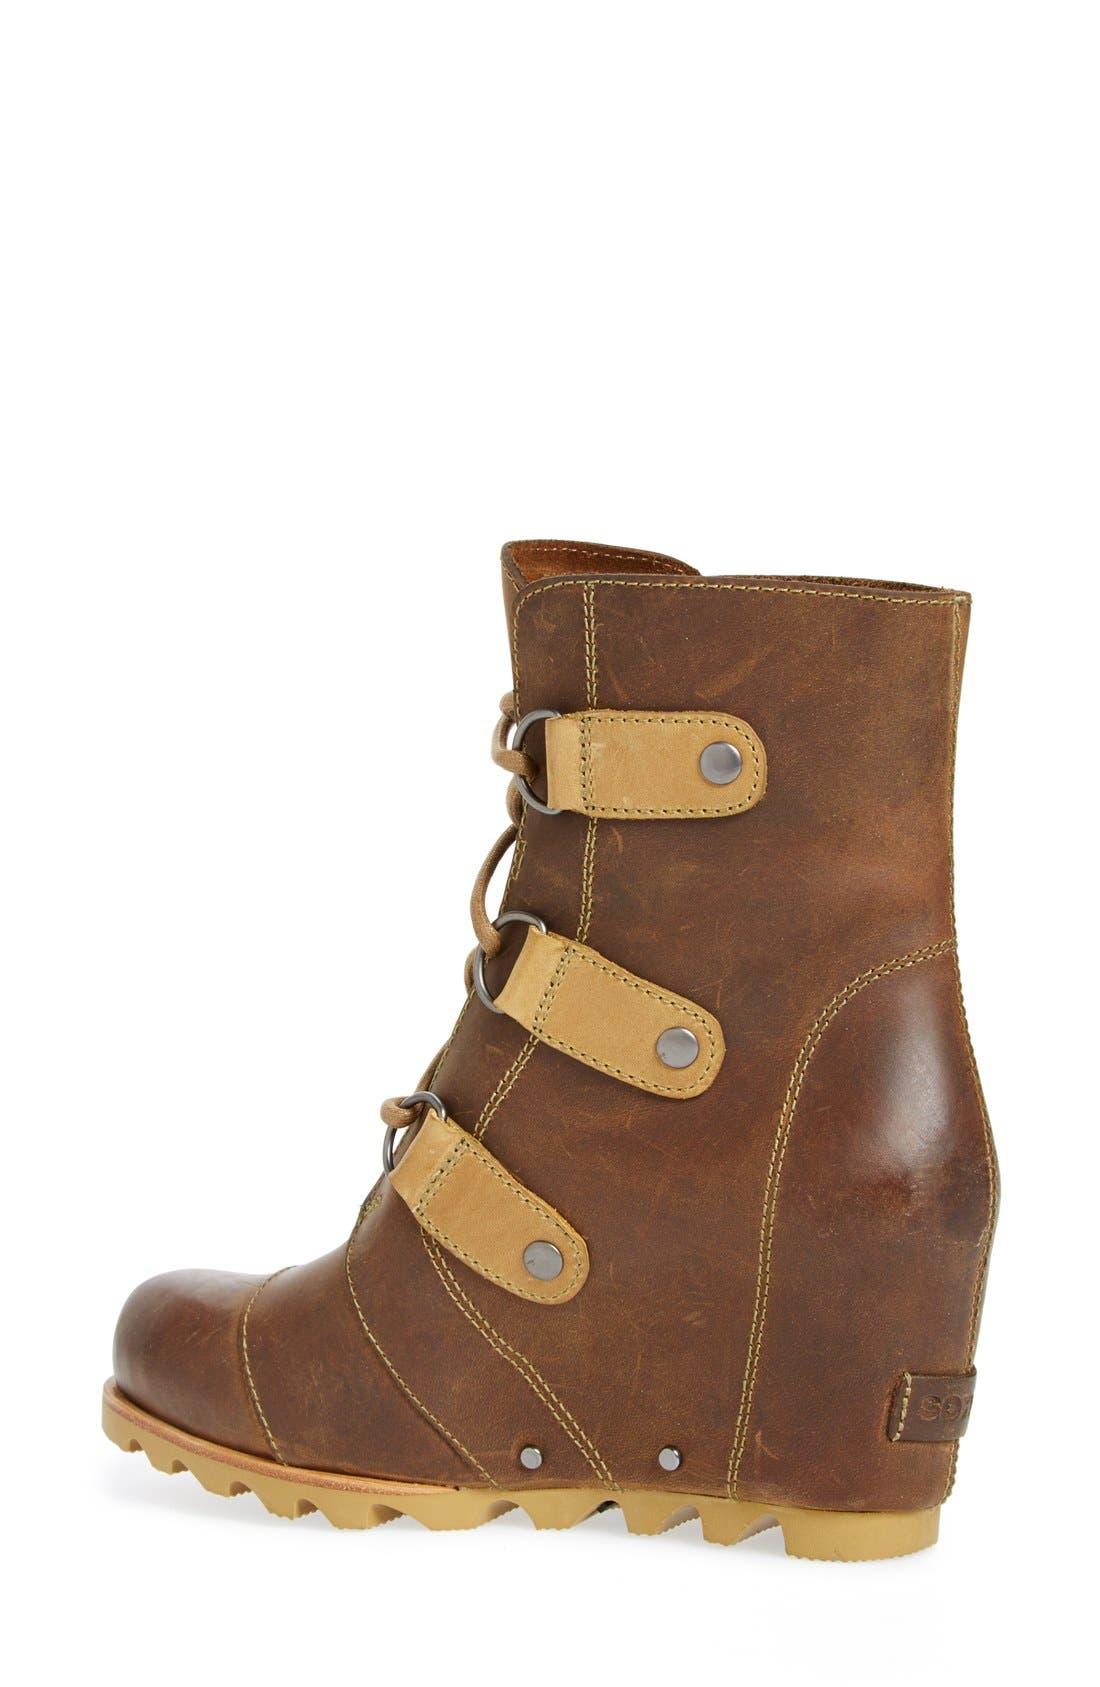 'Joan of Arctic' Waterproof Wedge Boot,                             Alternate thumbnail 32, color,